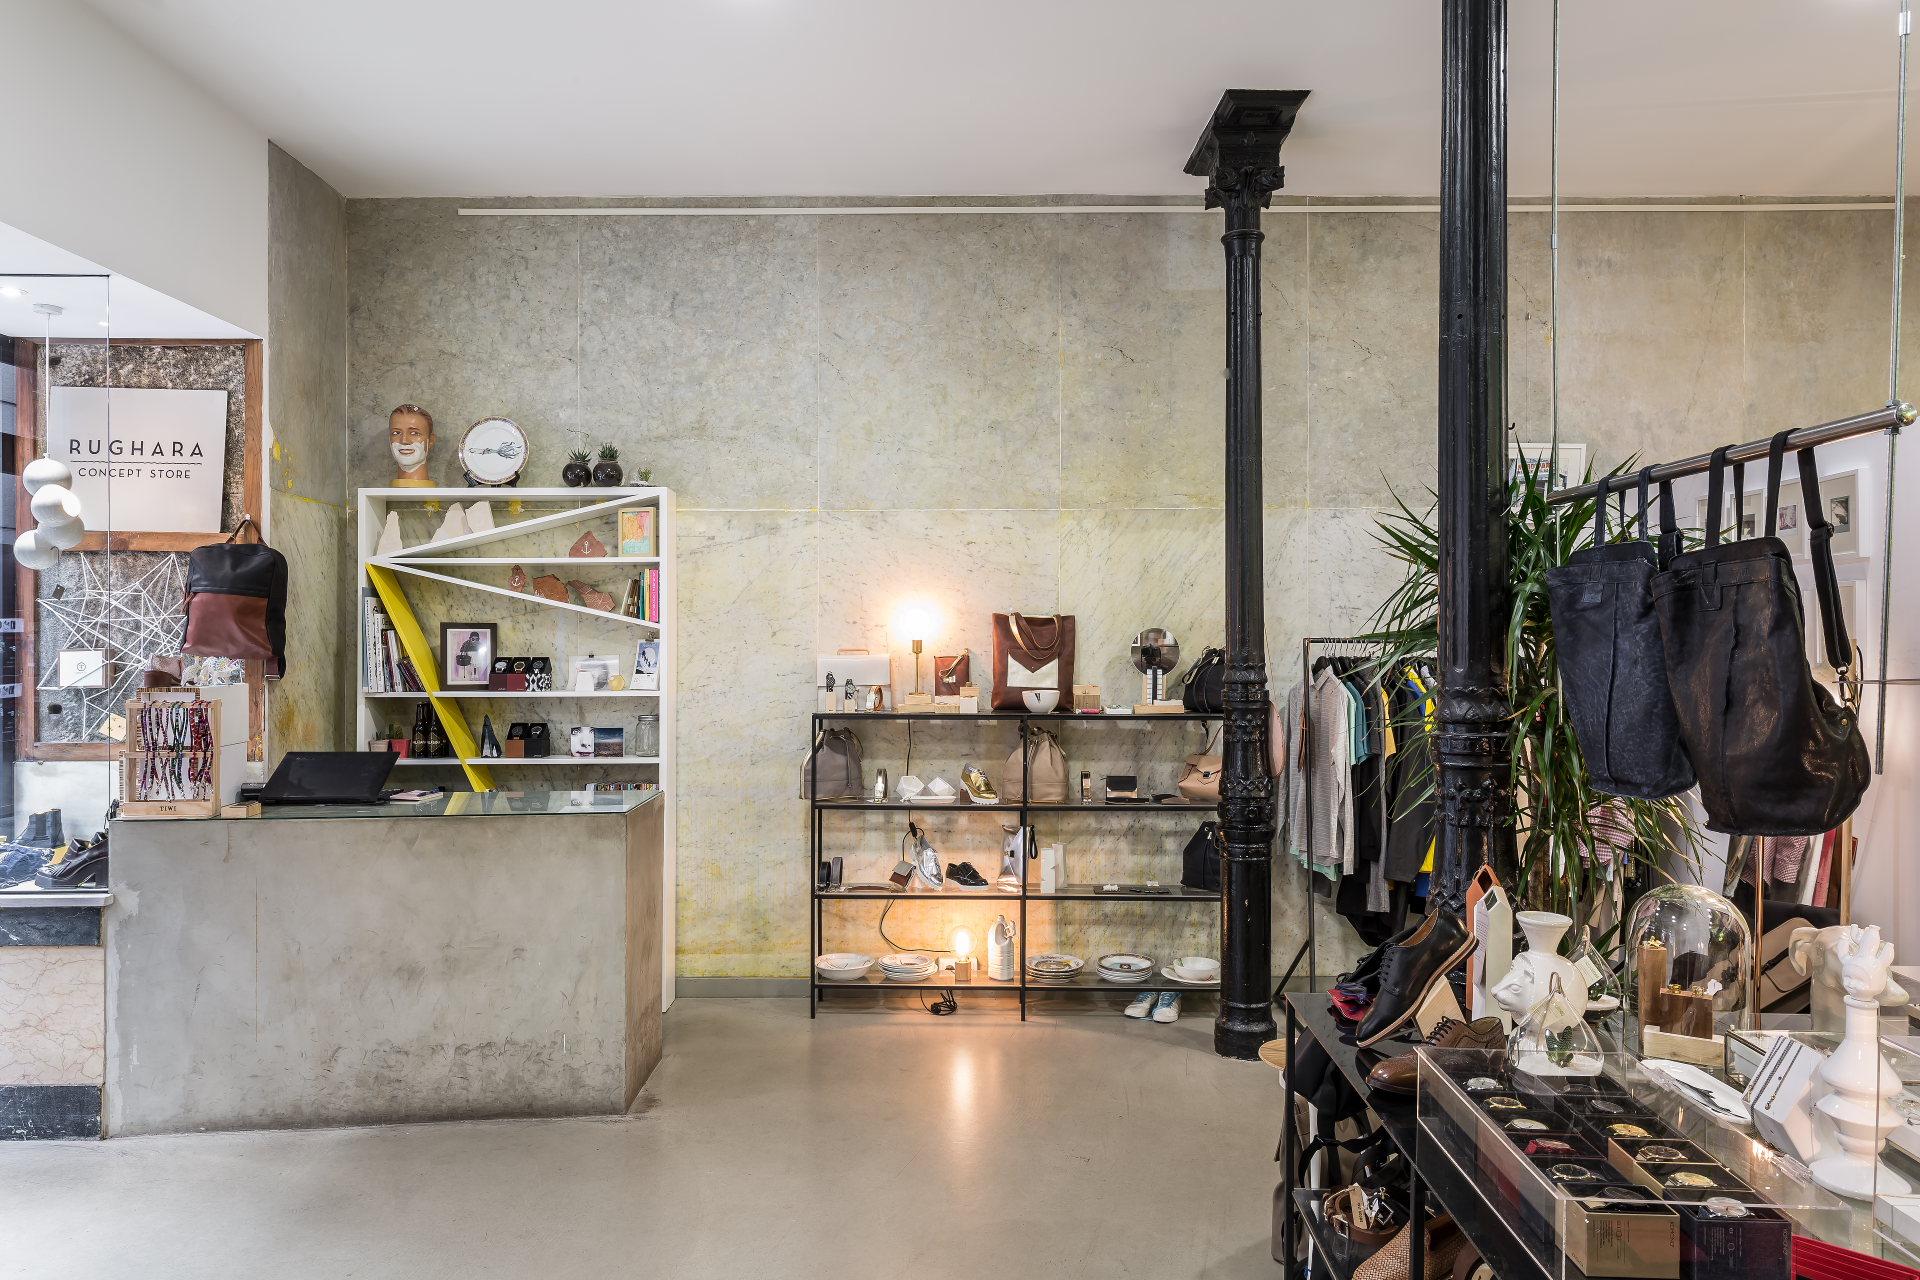 fotografia-arquitectura-interiorismo-valencia-german-cabo-viraje-casa-quiroga-madrid (10)